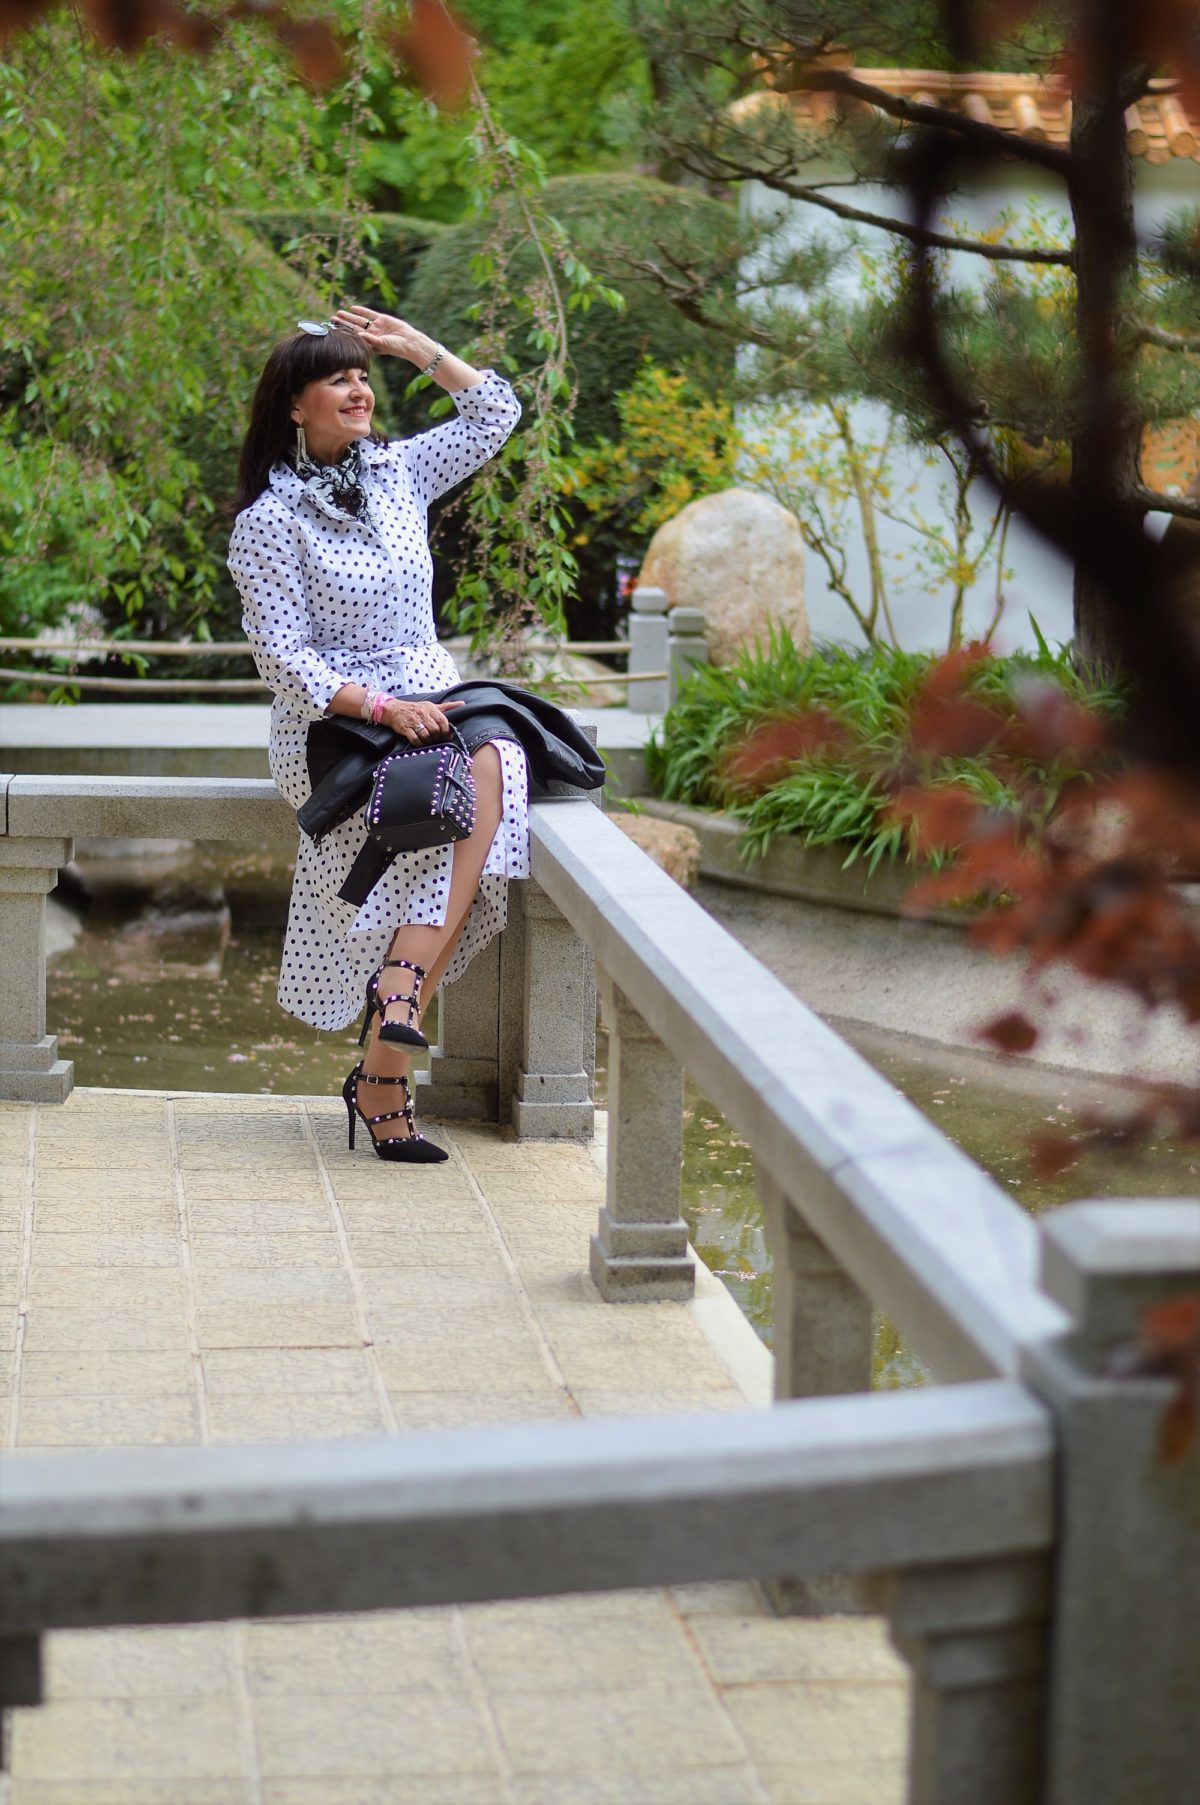 Hemdblusenkleid mit Tupfen im Park